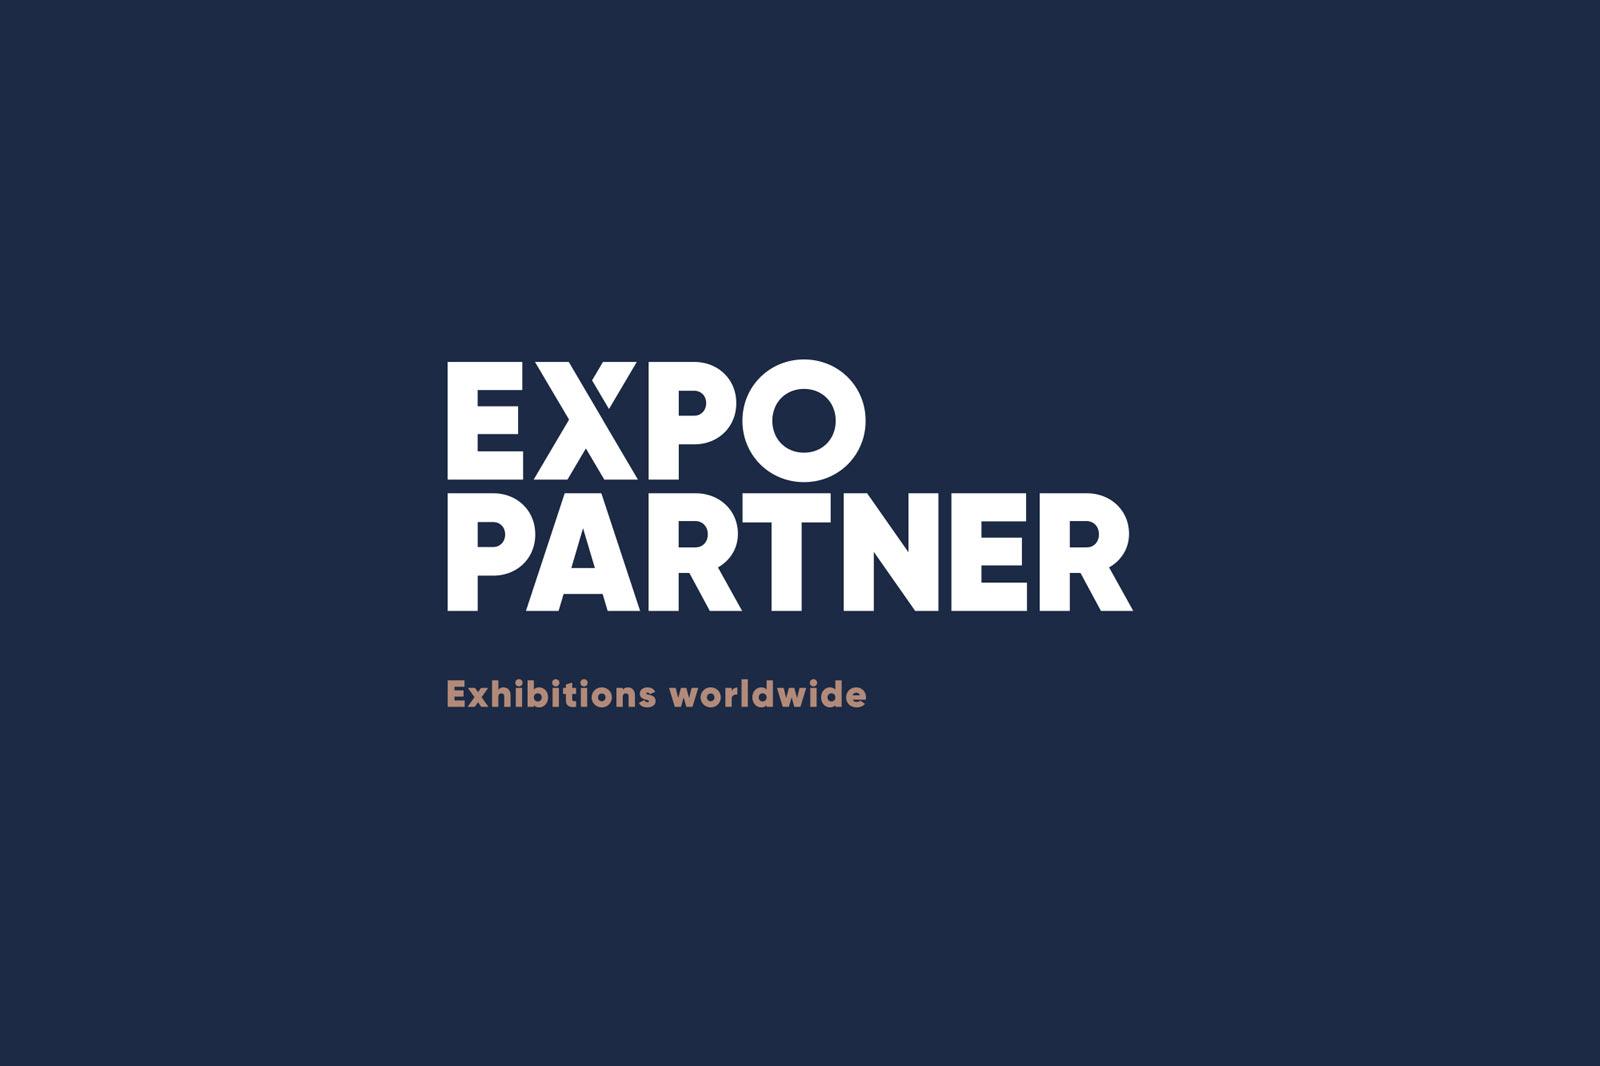 Expo Partner logo